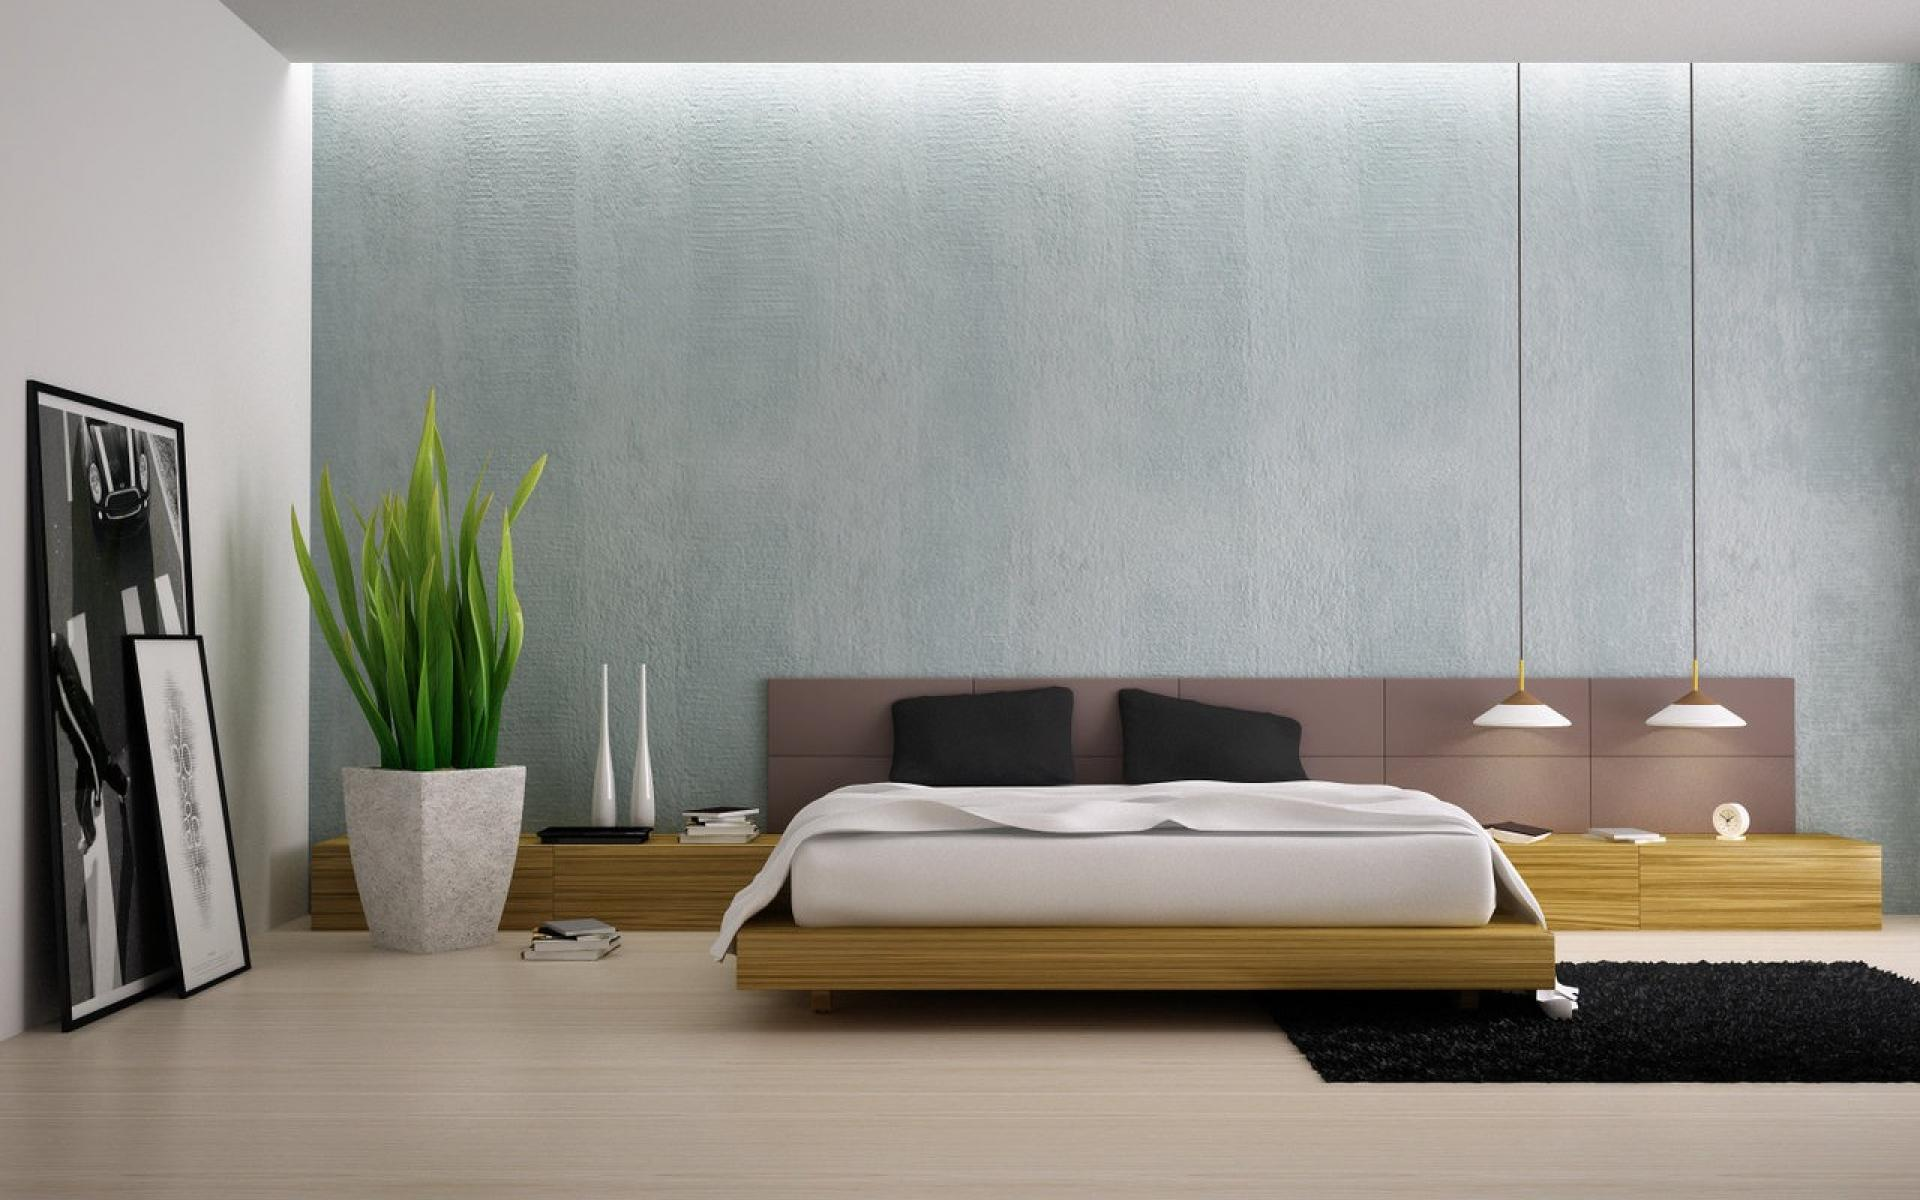 interiores with interiores